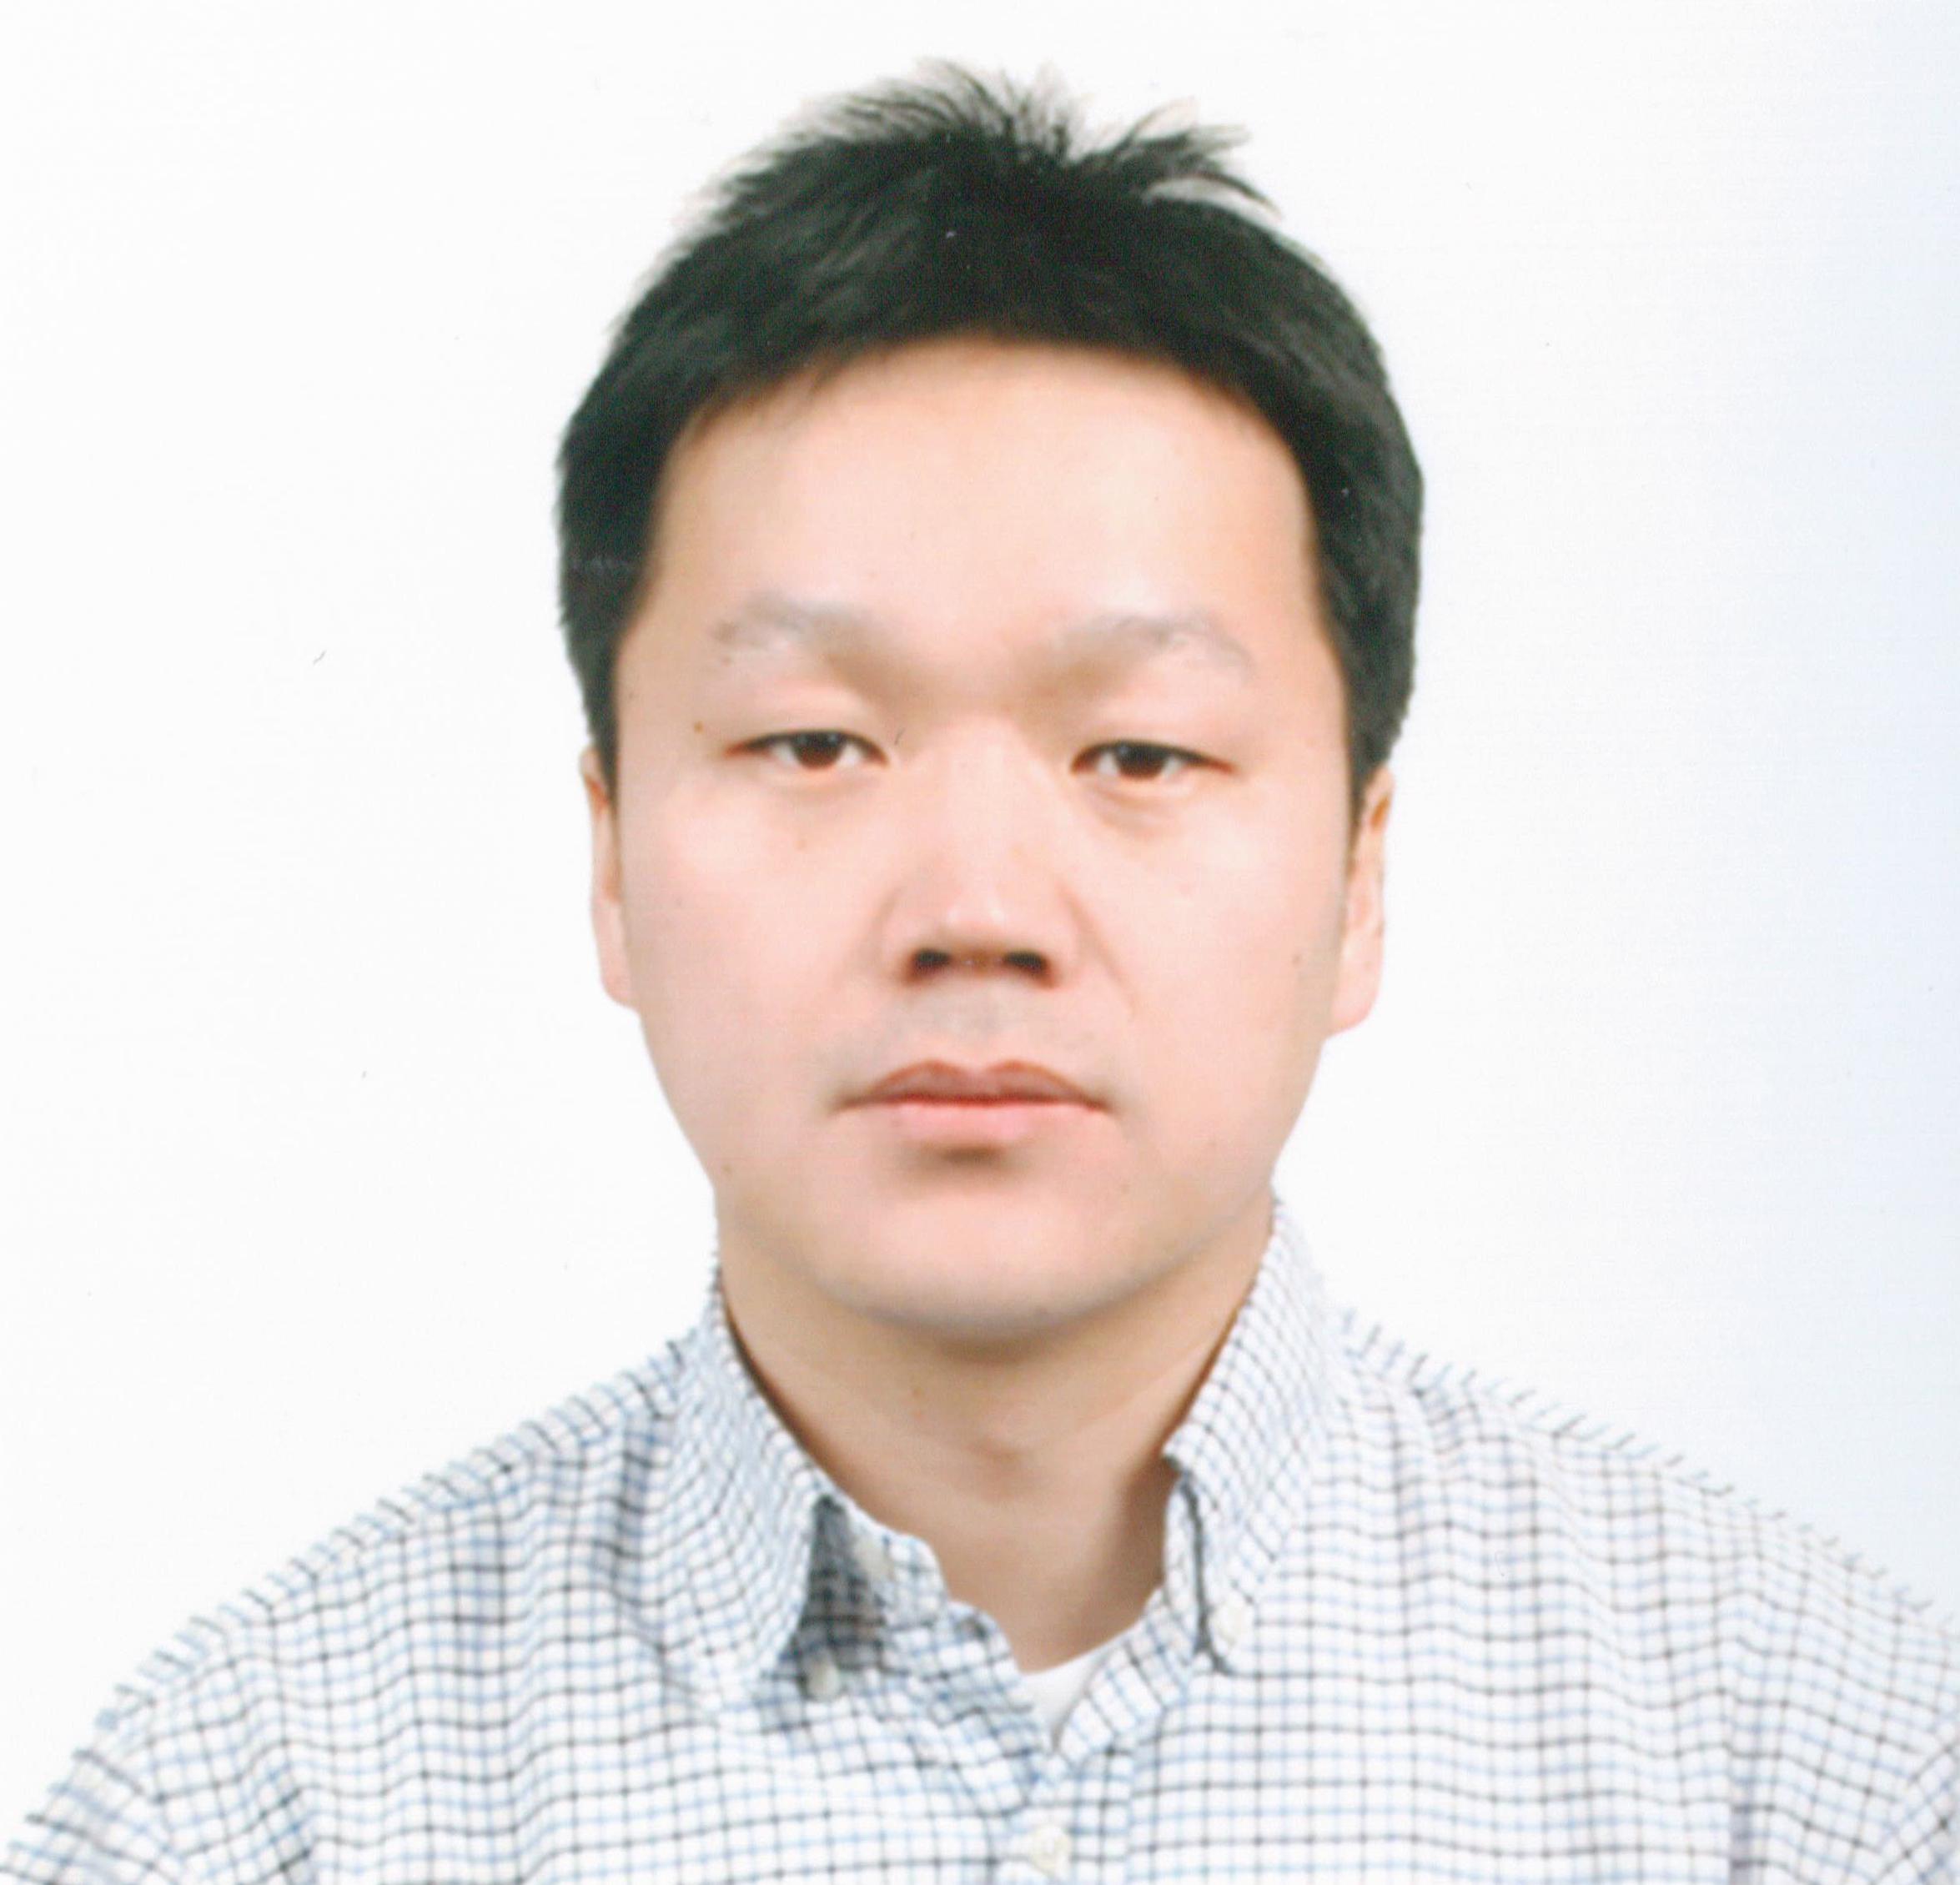 박상신 프로필 사진